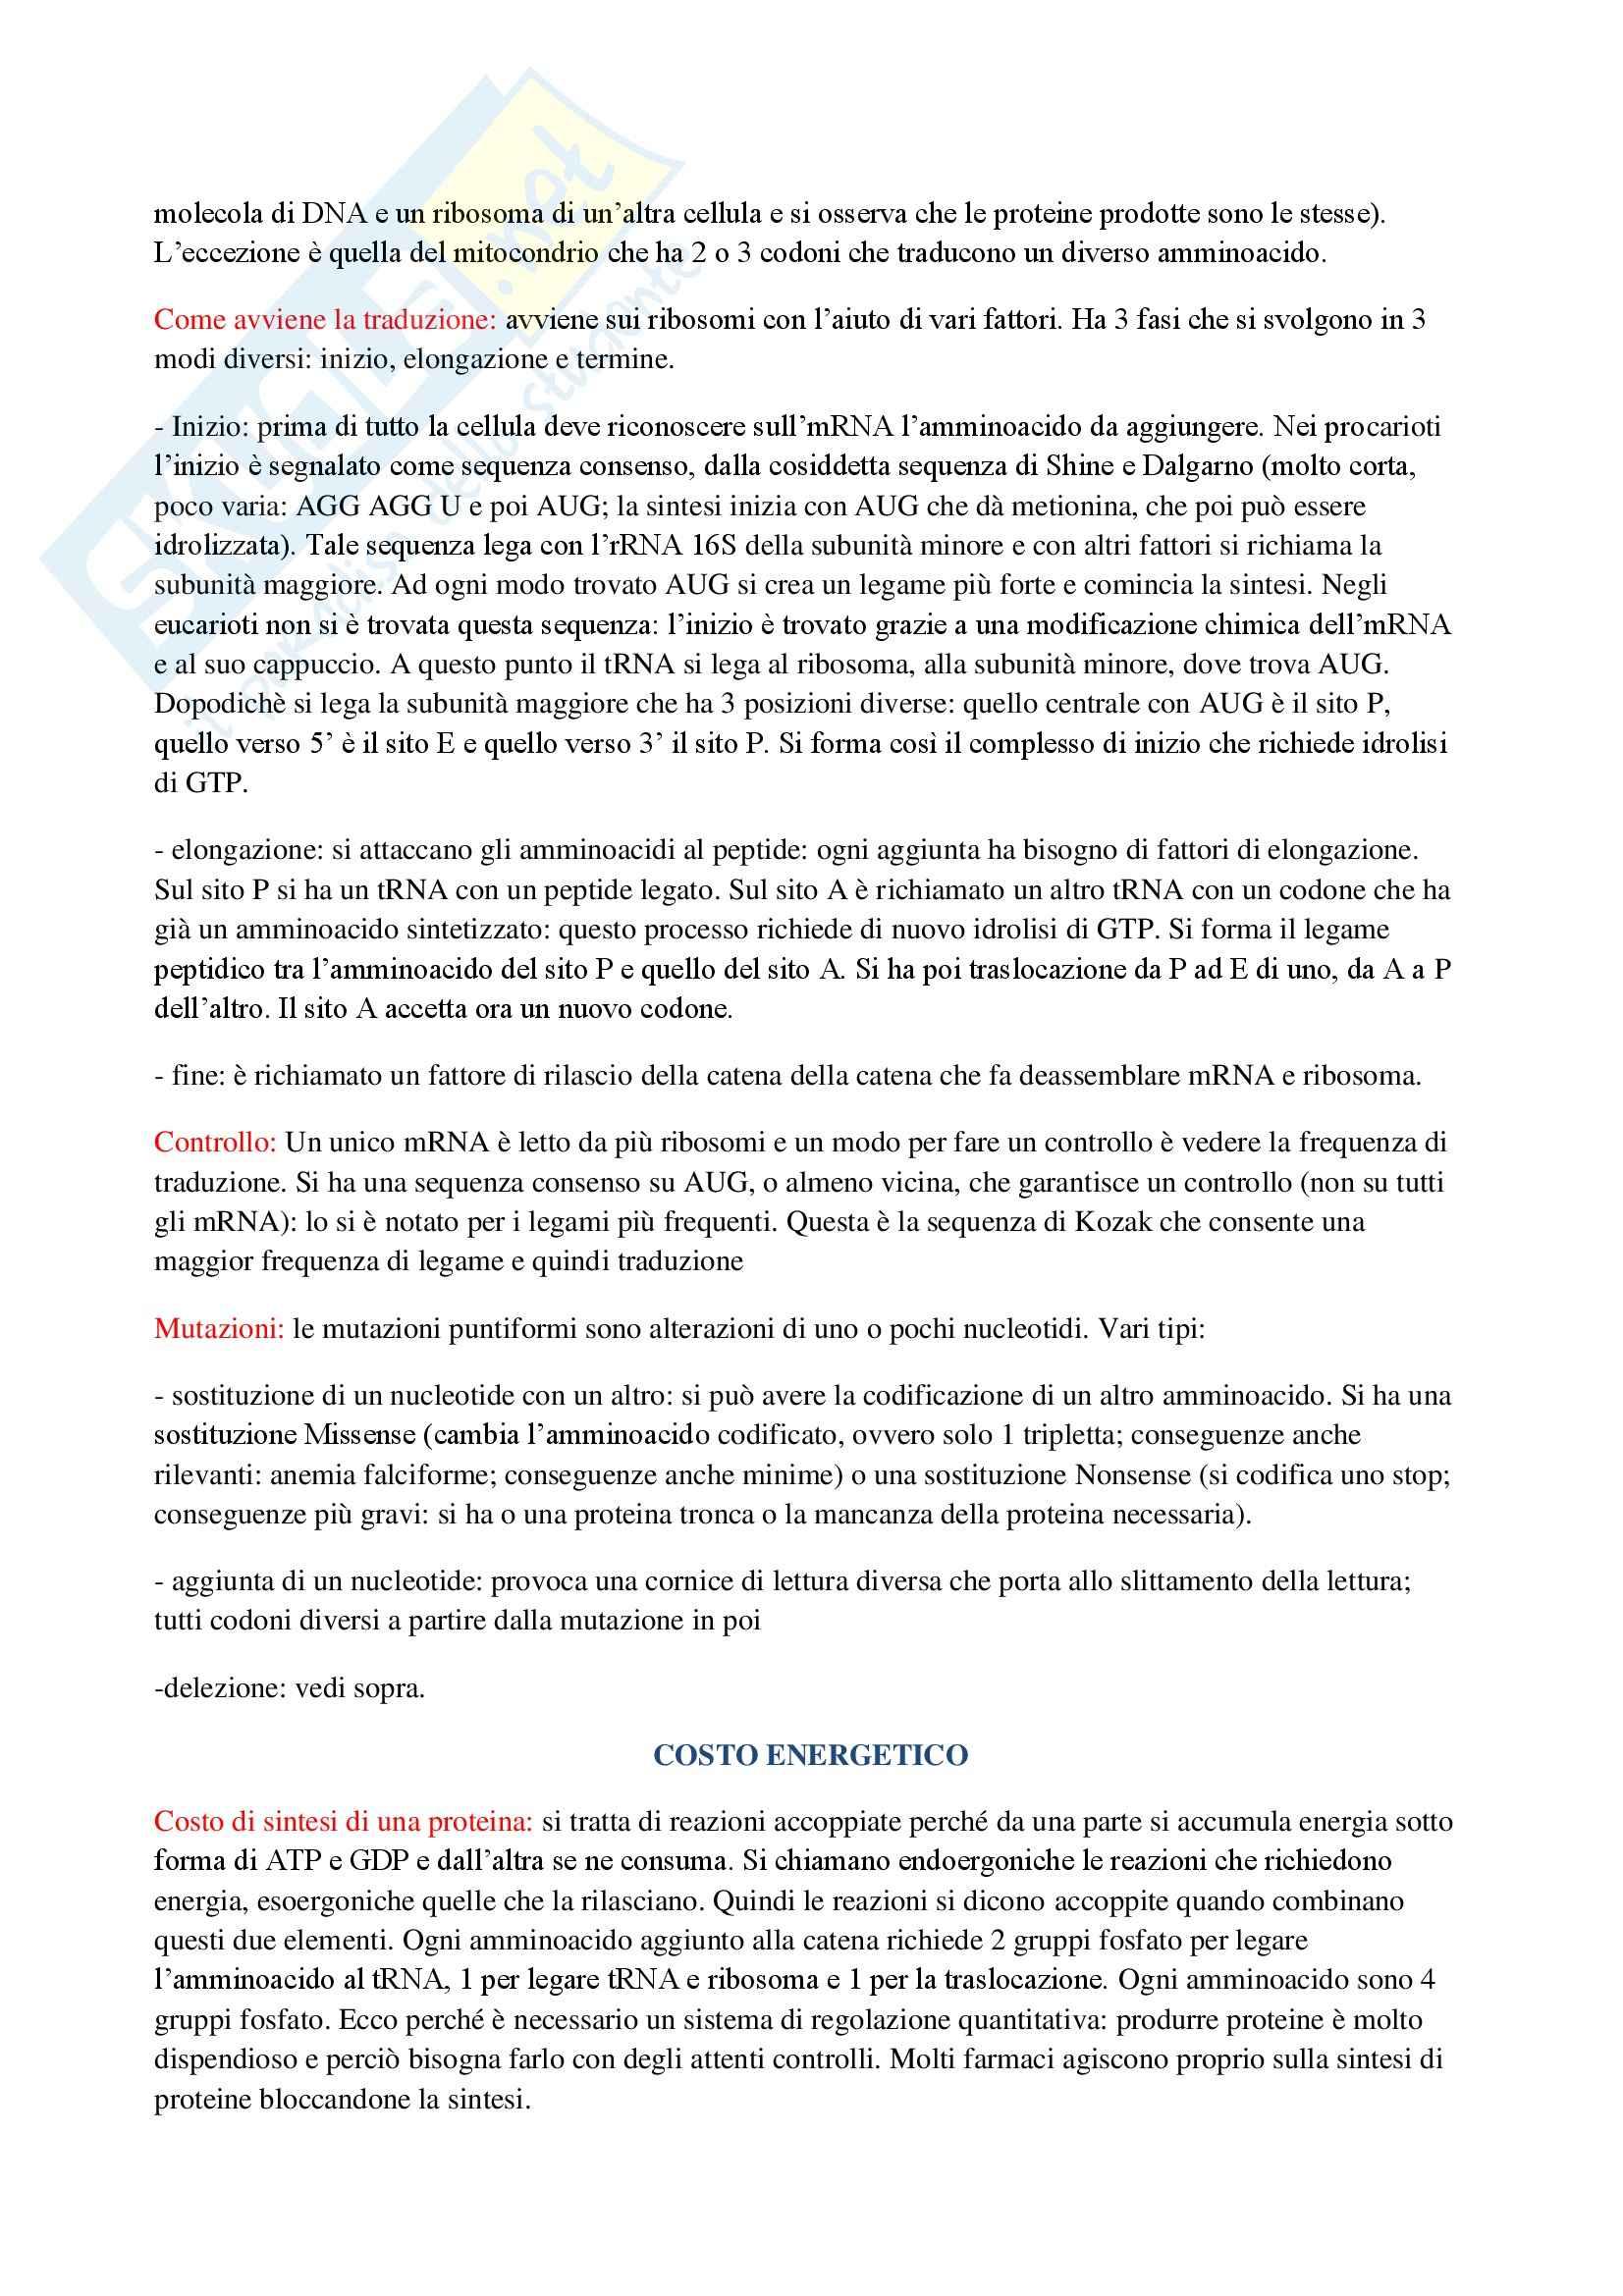 Biologia generale e molecolare - Appunti Pag. 11